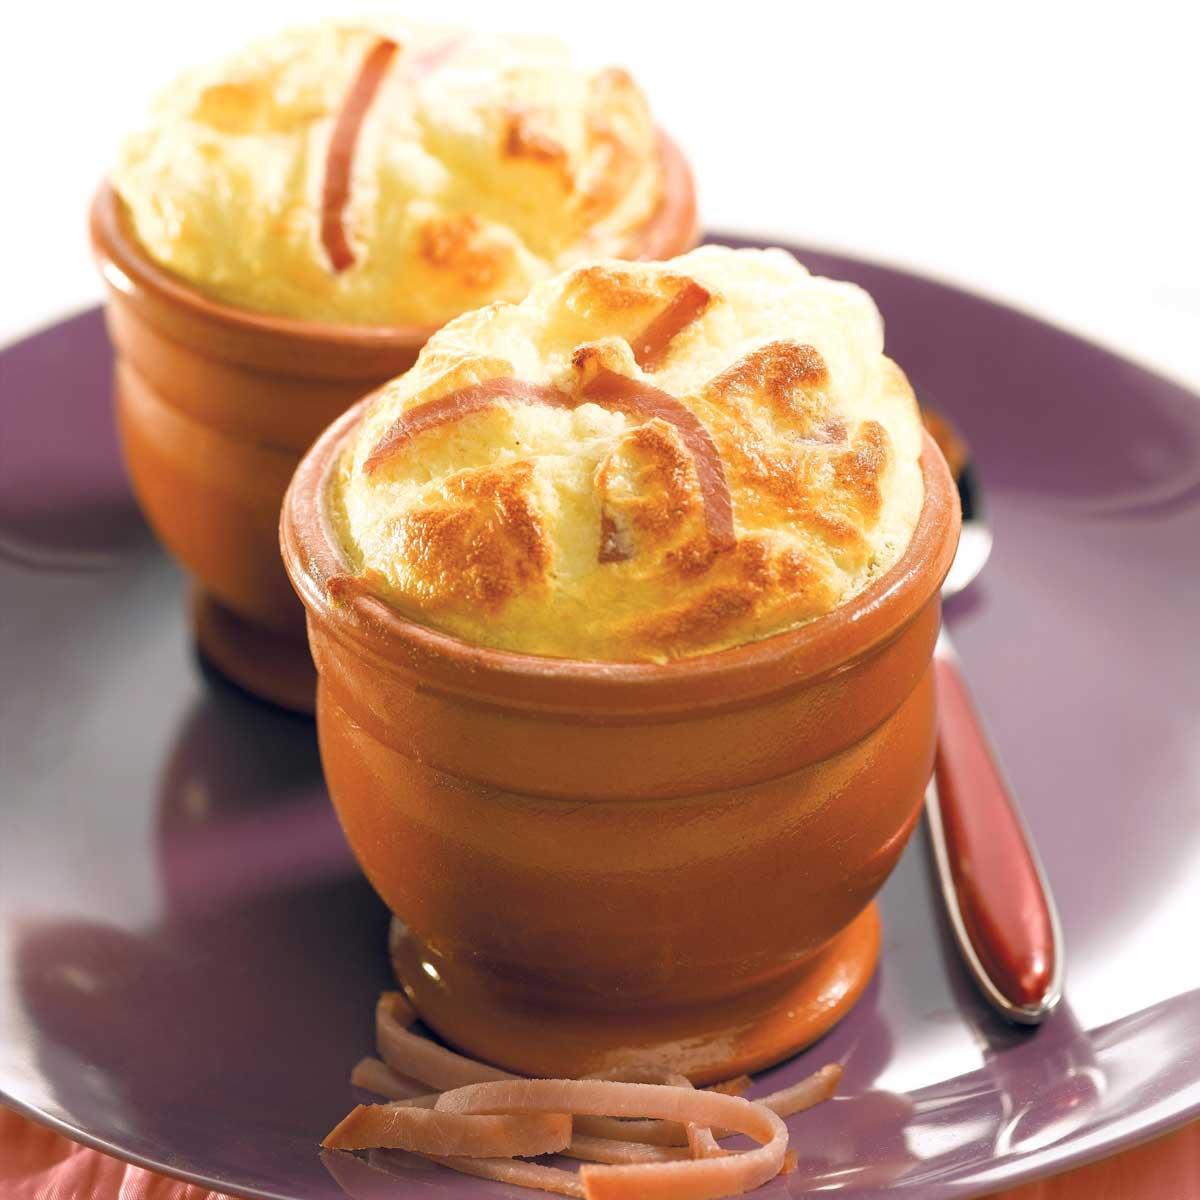 ... fromage et au bacon - une recette Fête - Cuisine | Le Figaro Madame